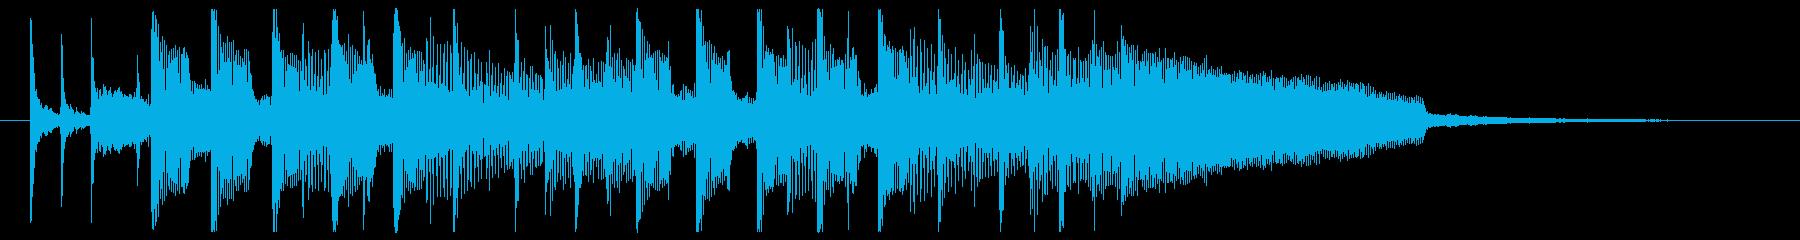 オープニングに合う可愛いアップテンポ曲の再生済みの波形